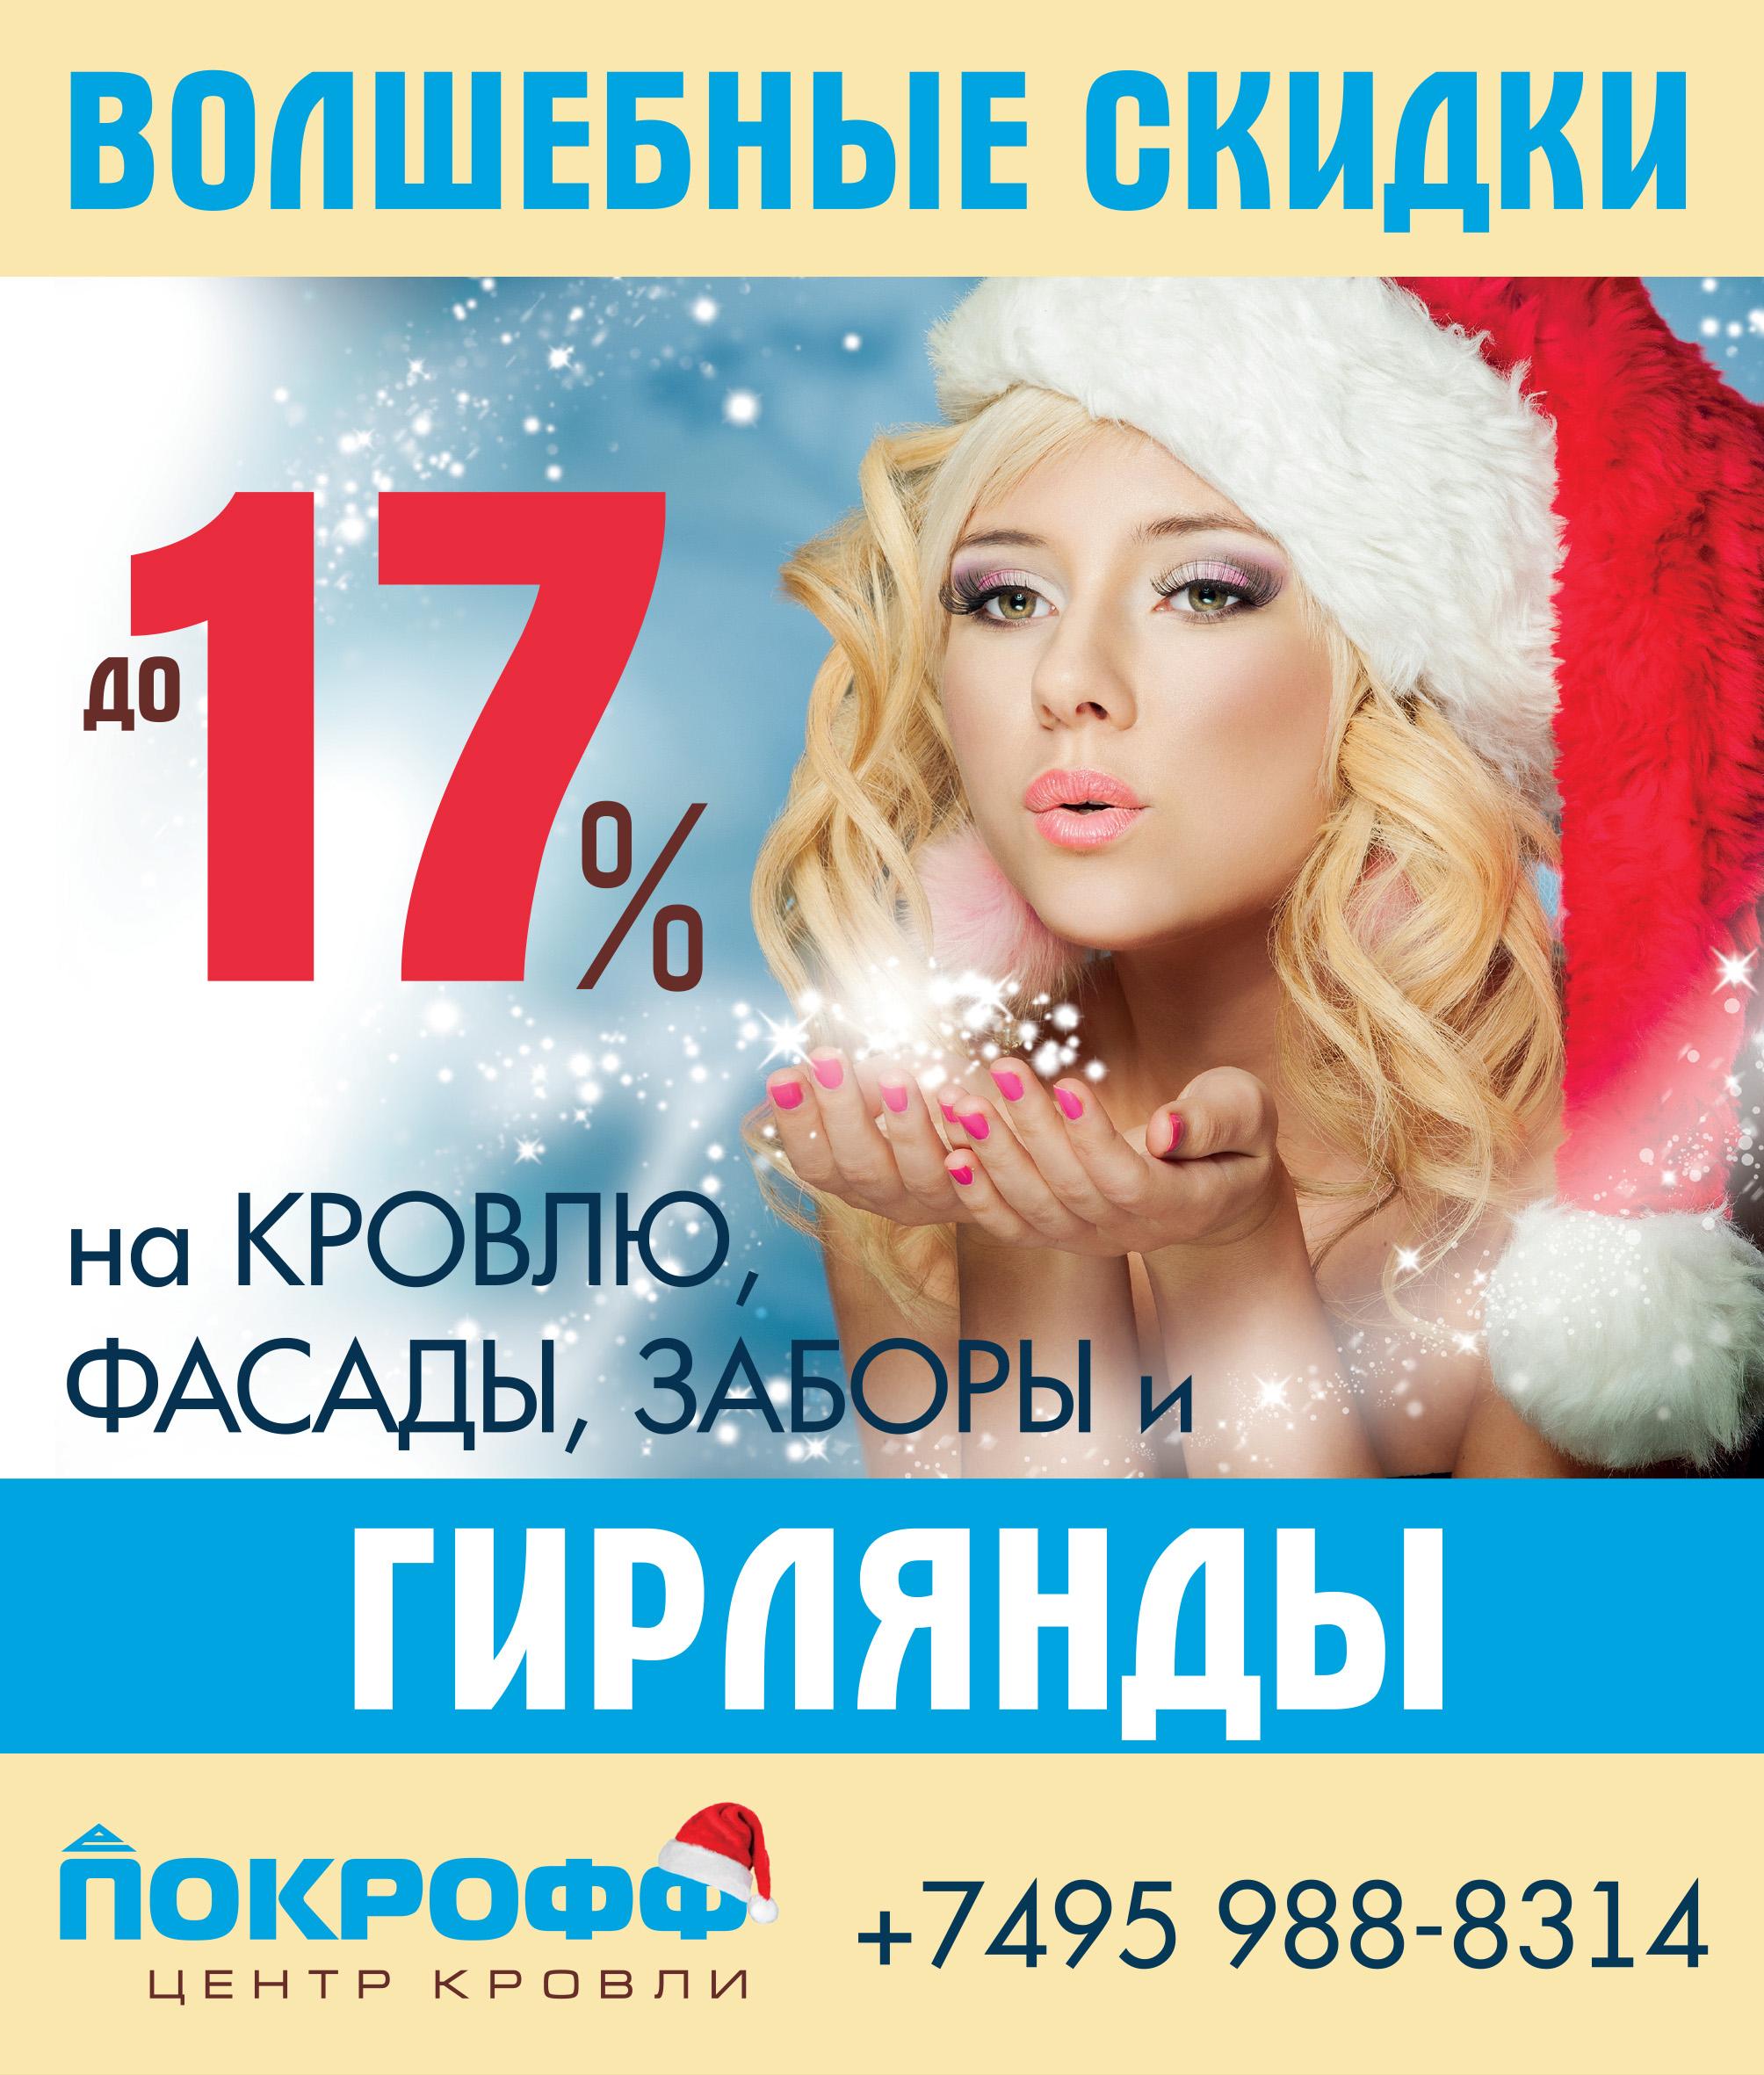 Реклама на сайте В Ногинске.ru